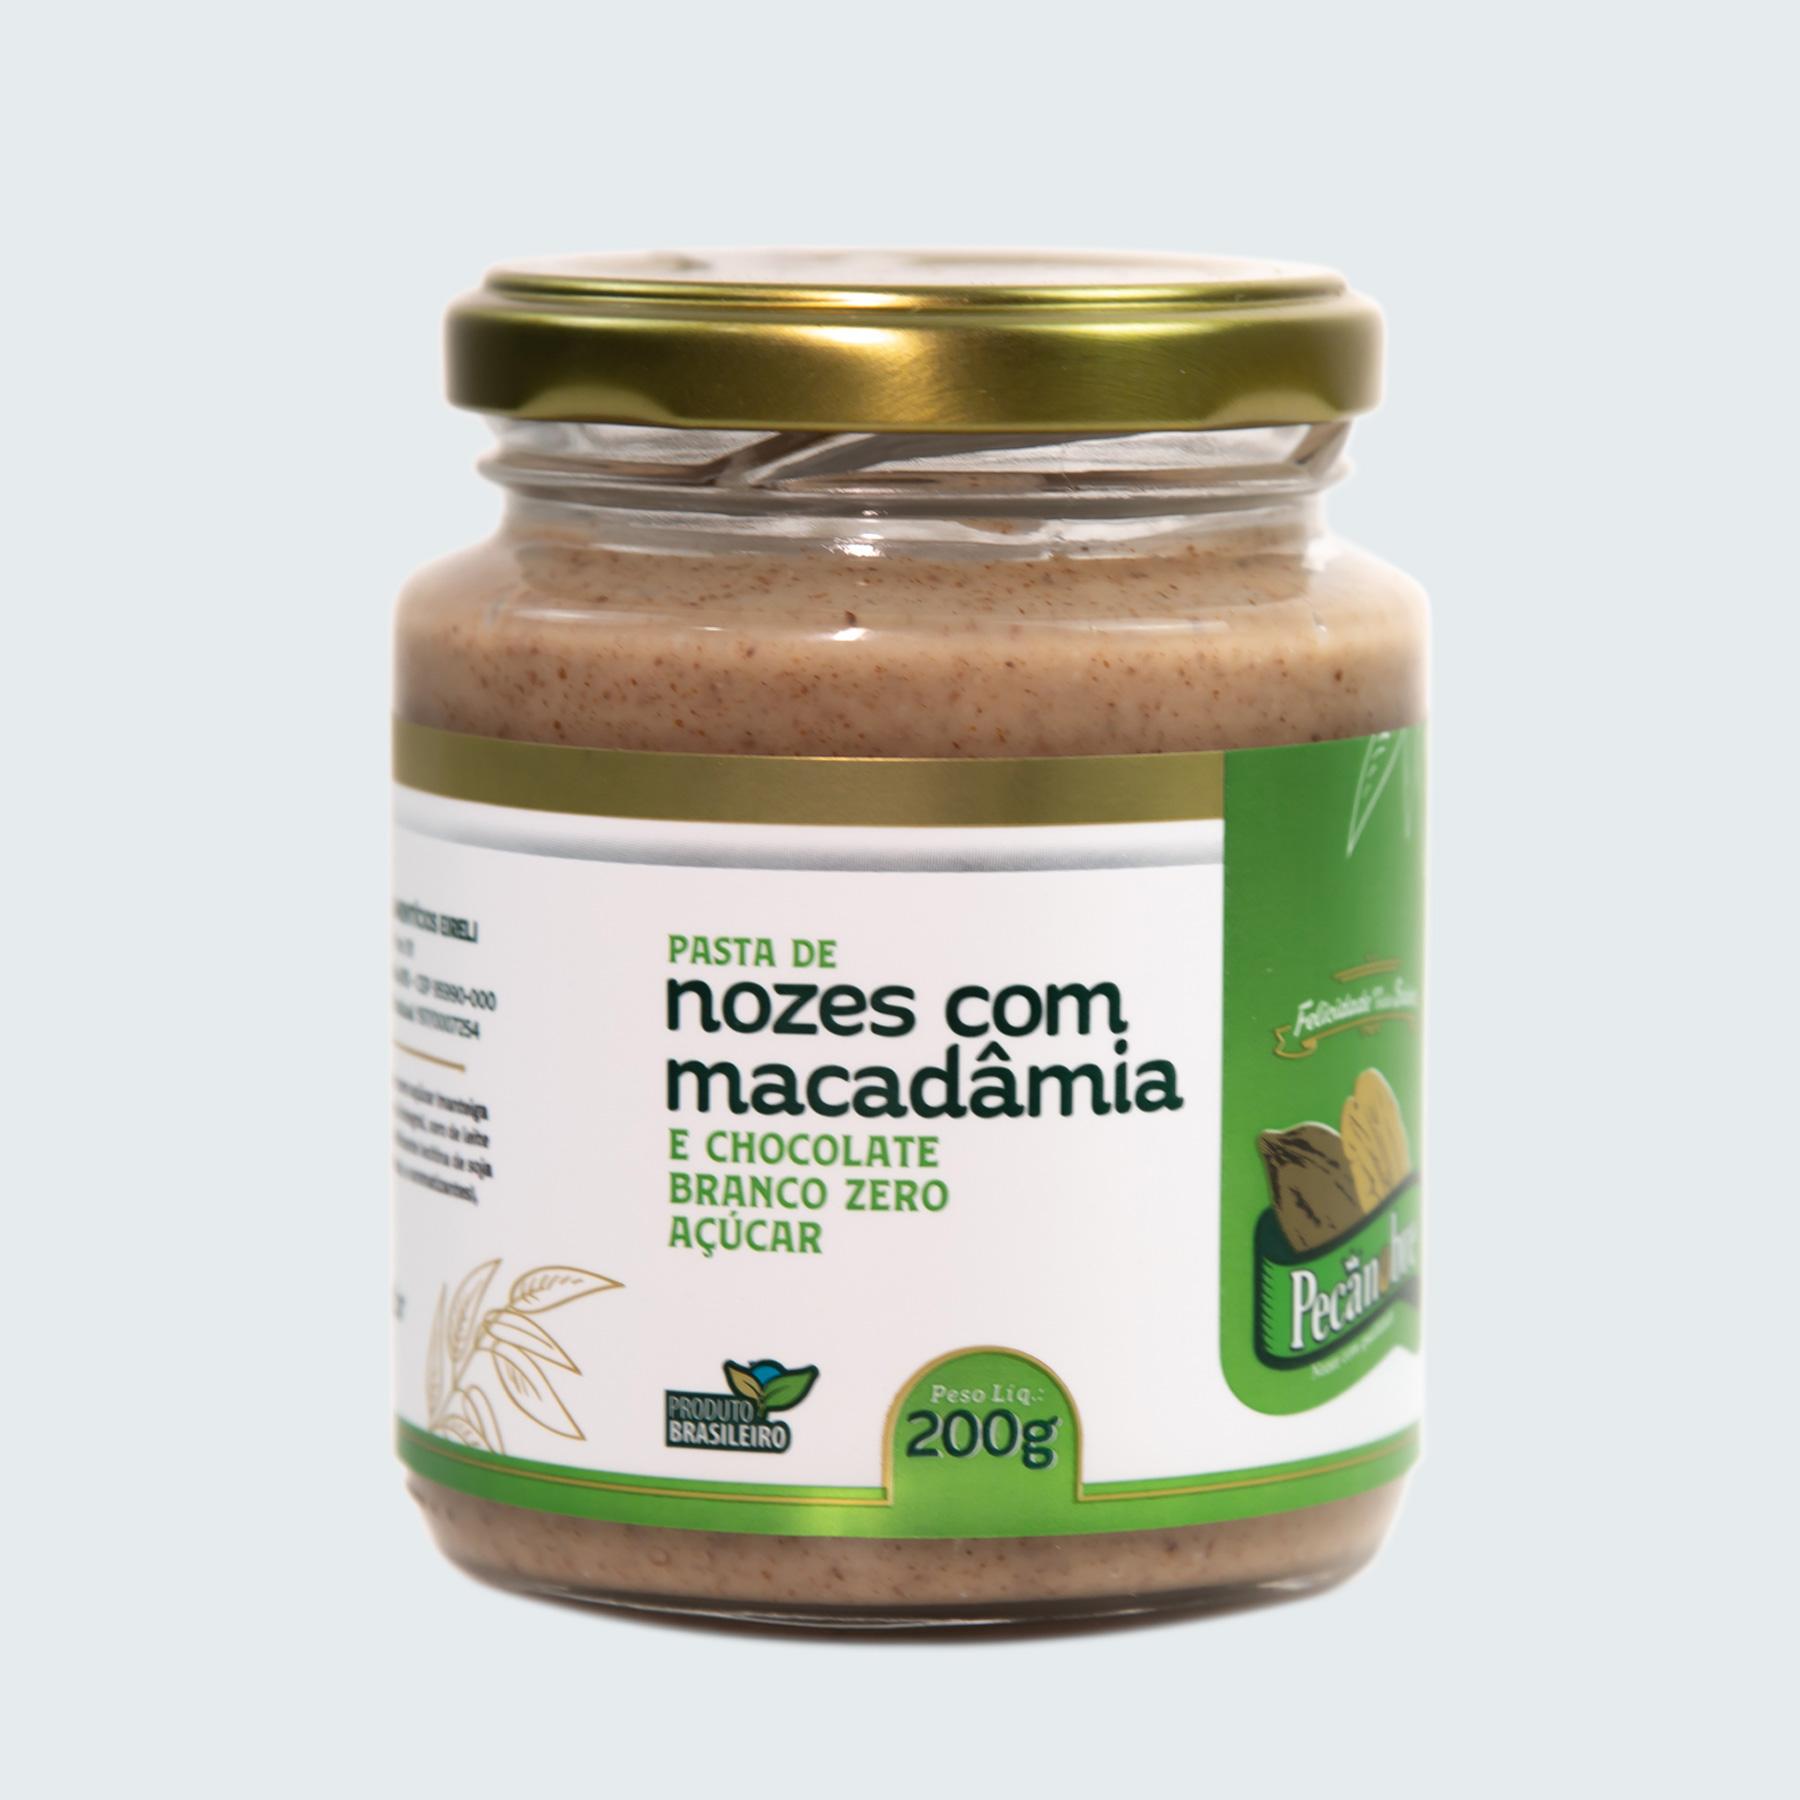 PASTA DE NOZES COM MACADÂMIA E CHOCOLATE ...